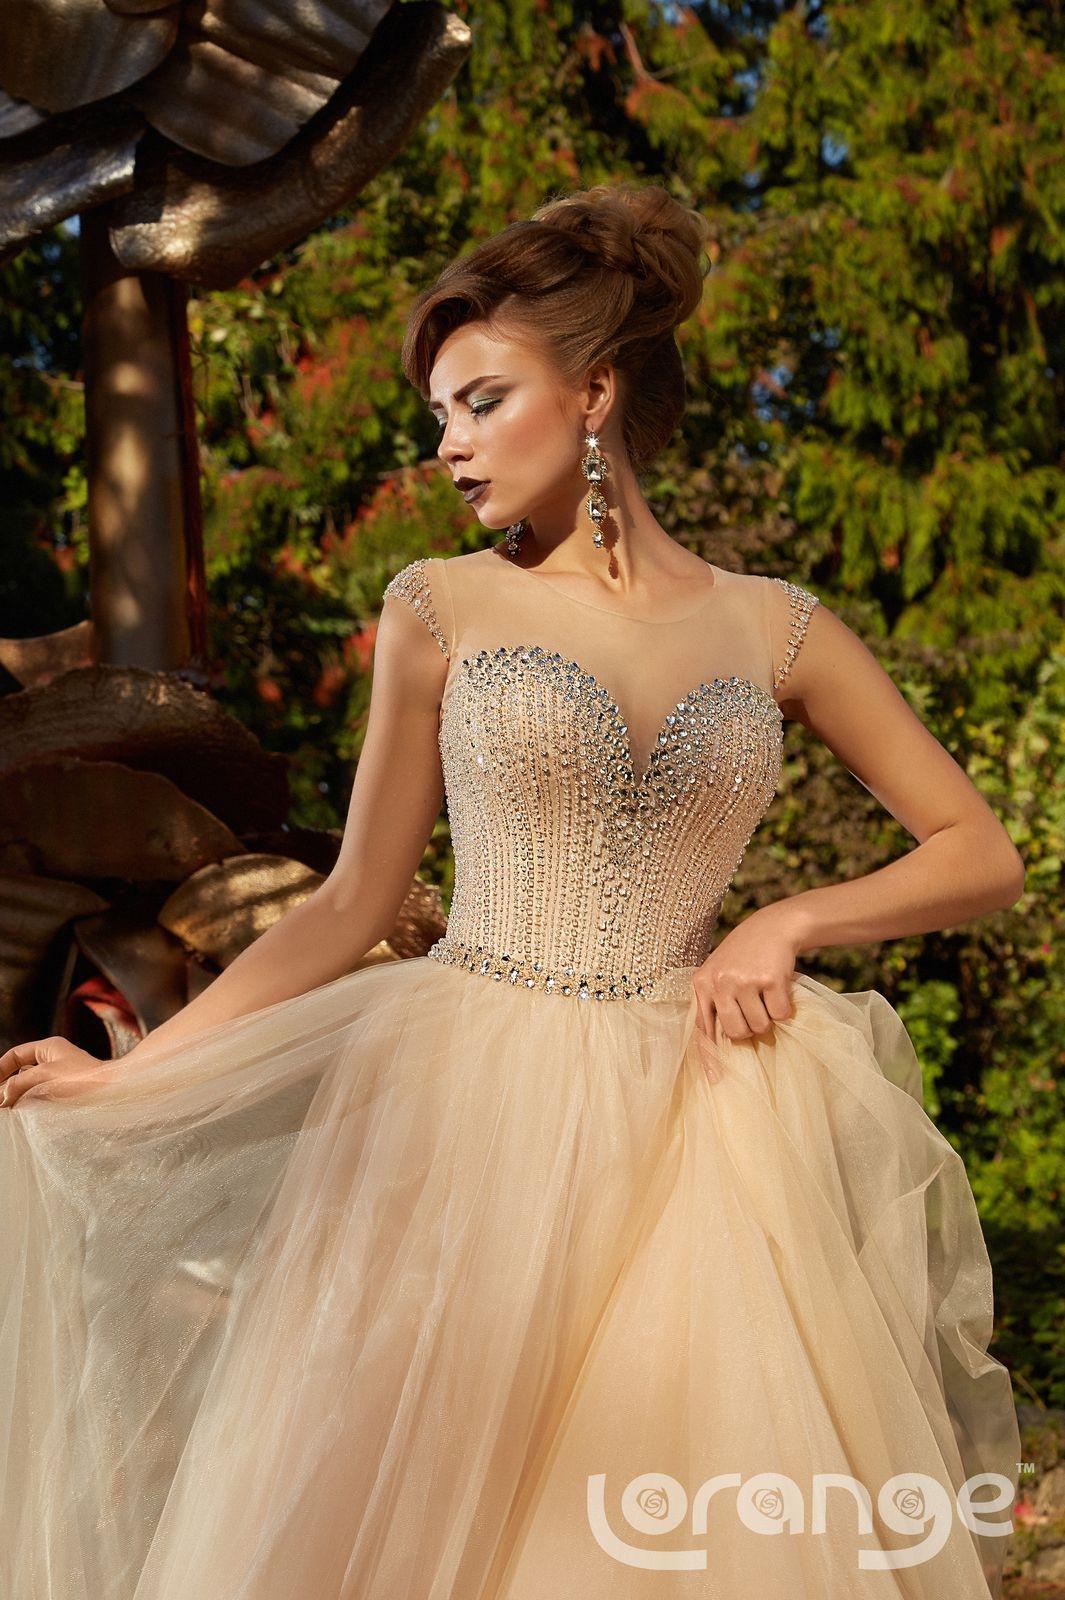 Вечерние платья на свадьбу: топ-7 фасонов - много фото